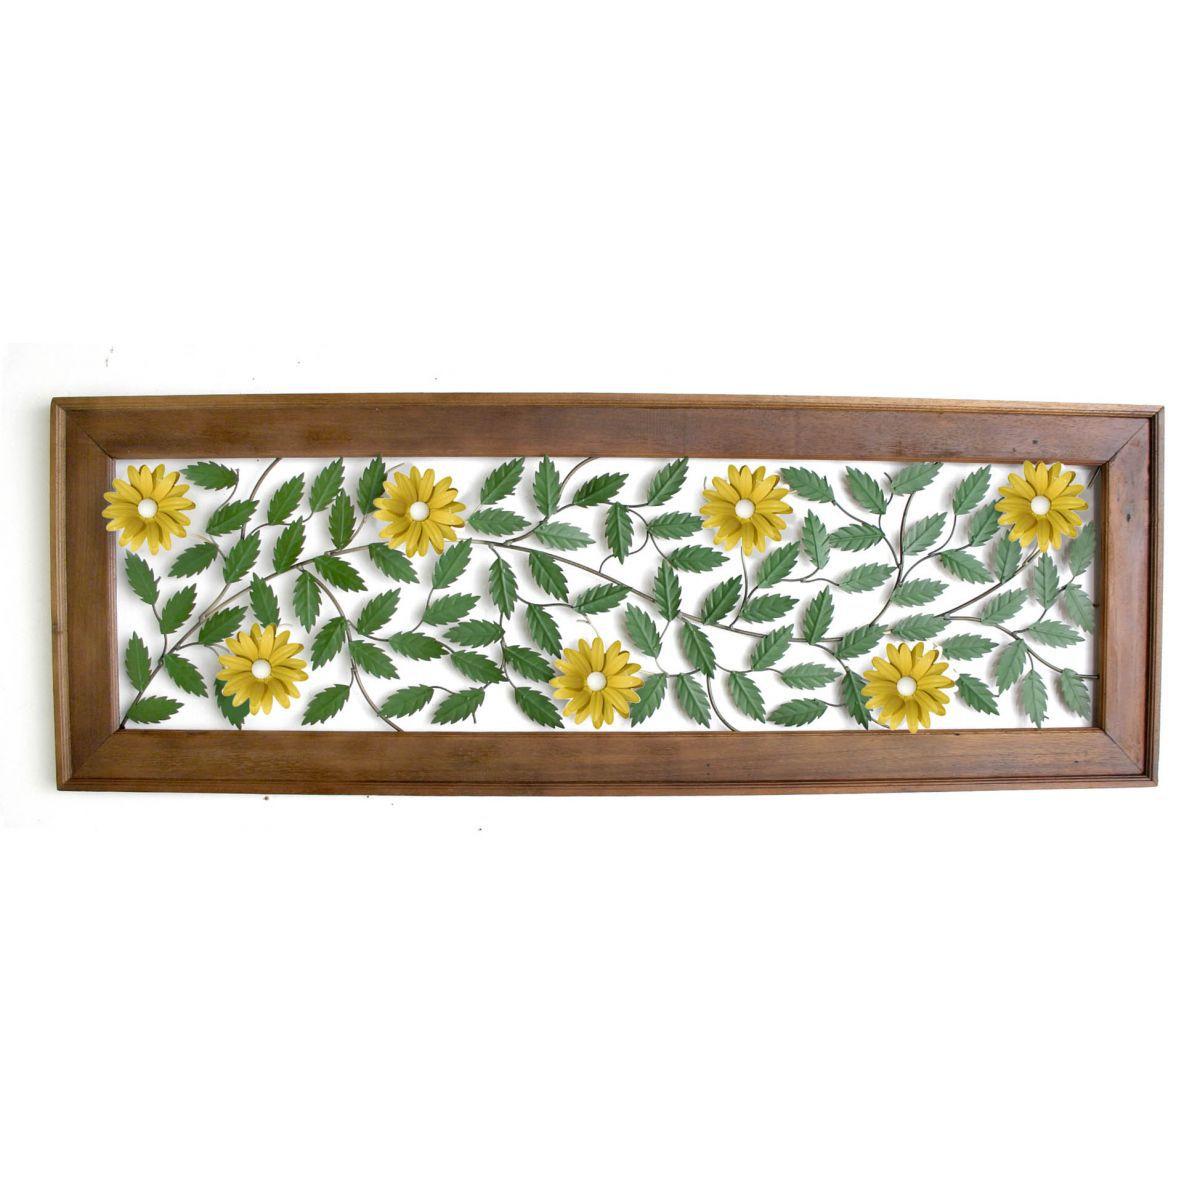 Moldura de 1,80 com Flores Amarelas para Parede Artesanal em Ferro